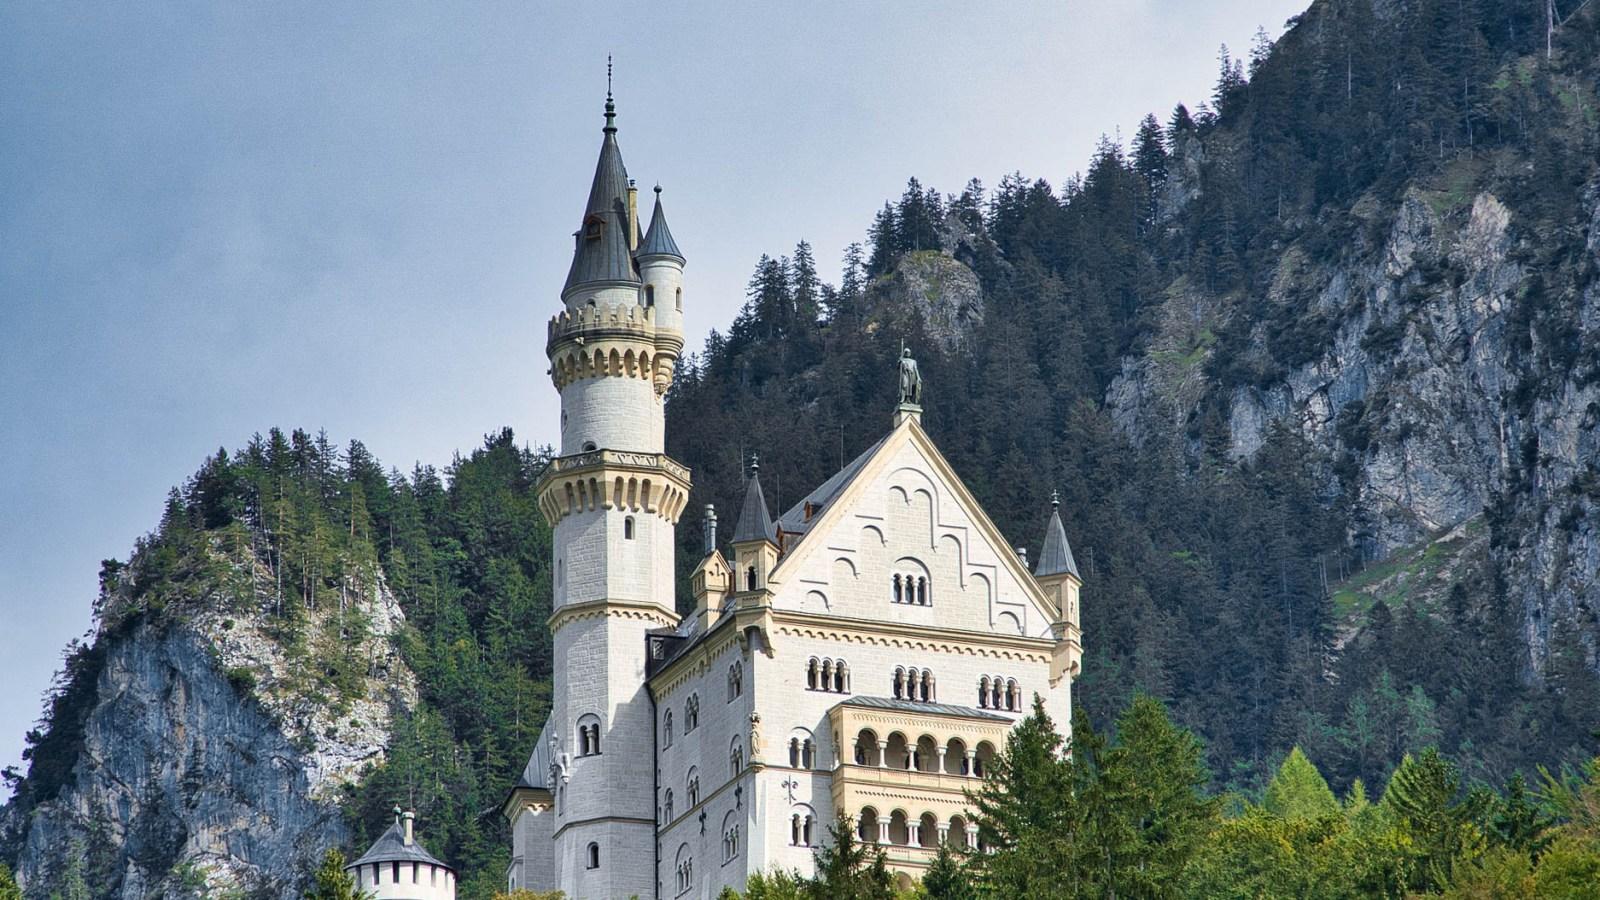 Where to stay near Neuschwanstein Castle: 12 Best Hotels and Airbnbs in Hohenschwangau, Schwangau, and Füssen